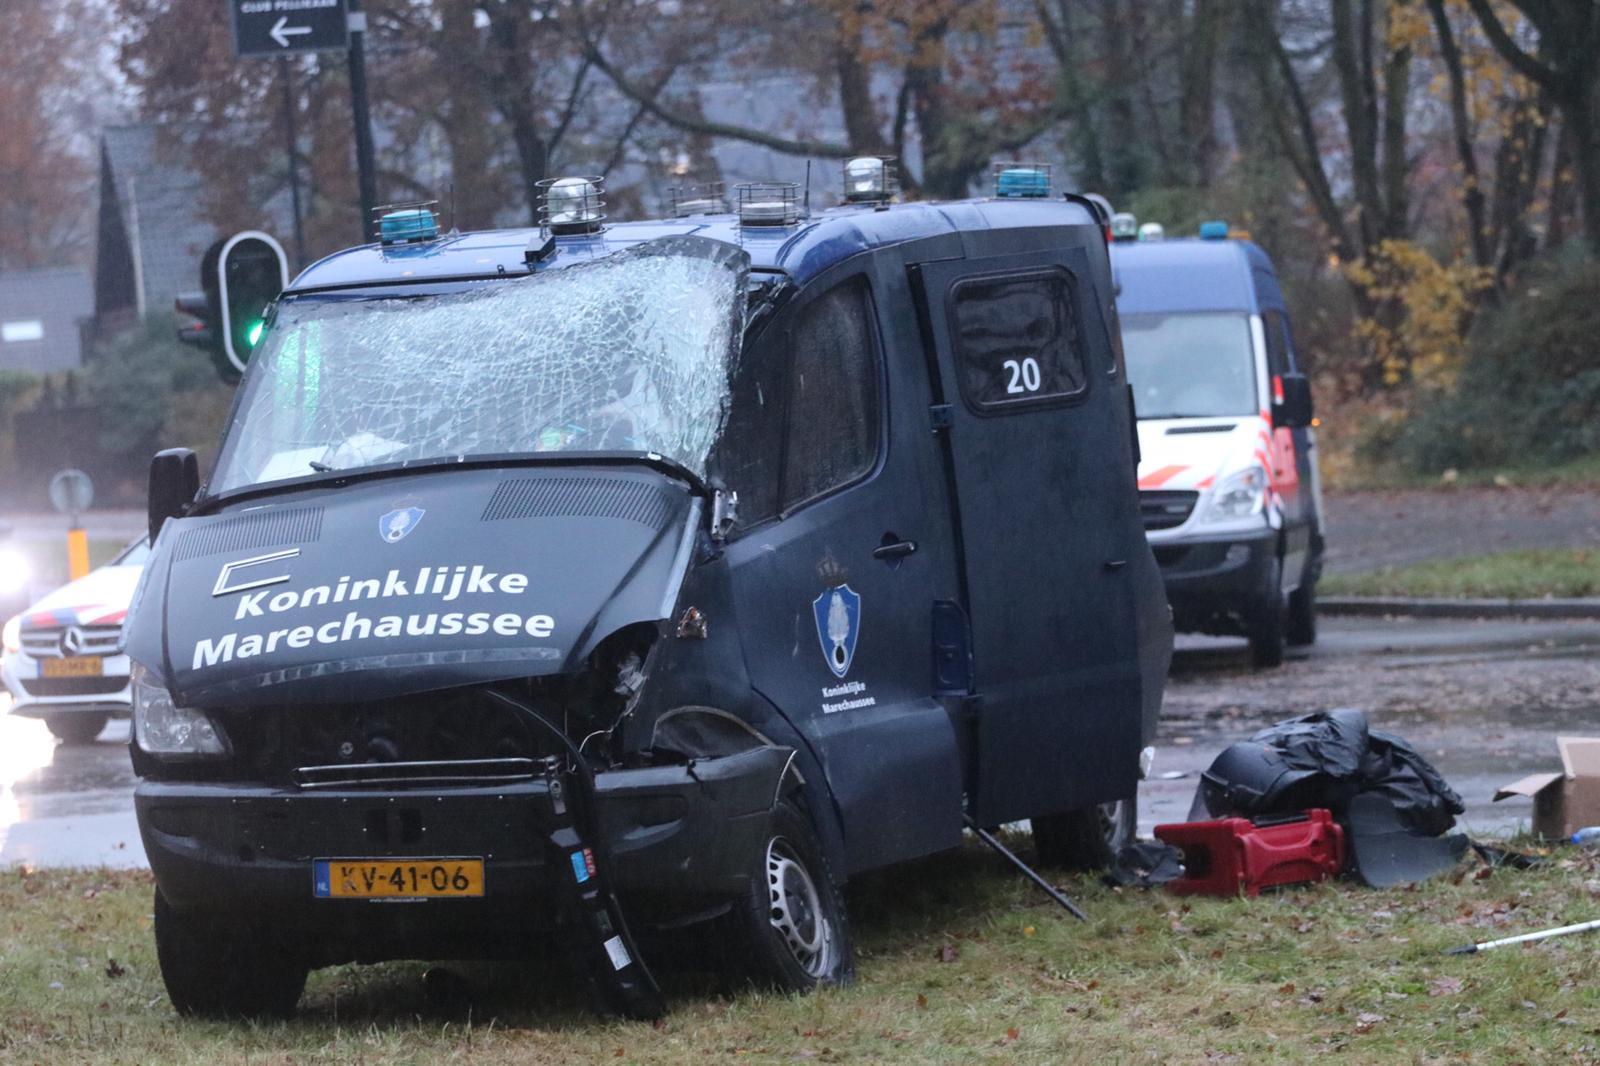 Bestuurder Koninklijke Marechaussee bus gewond na aanrijding.